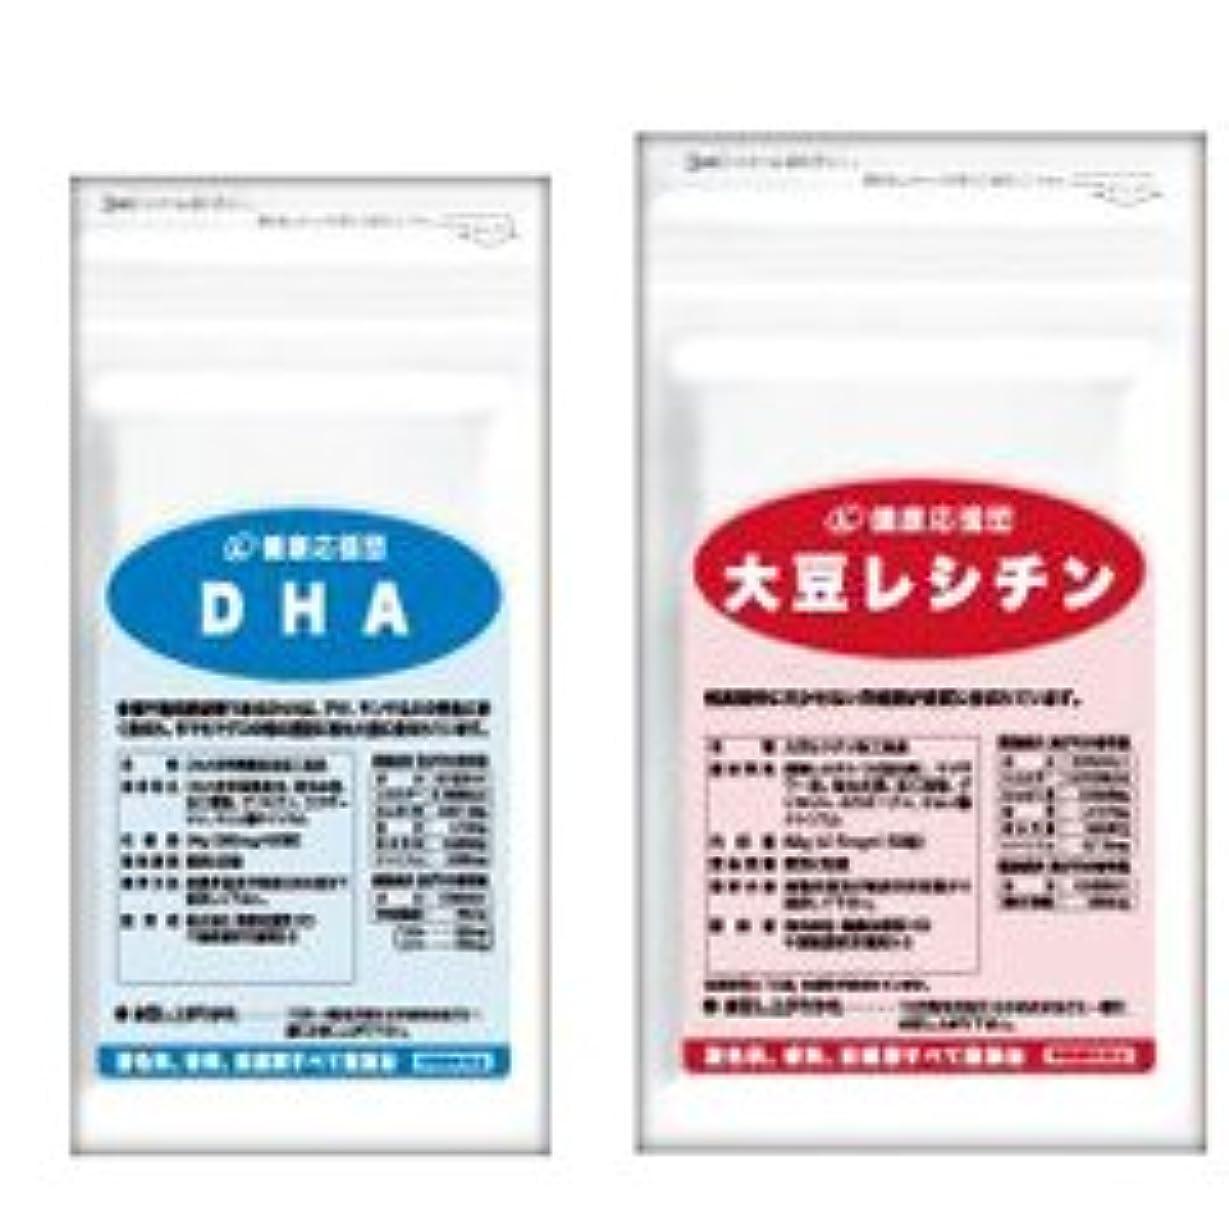 殺人文庫本受け取るサラサラ巡りセット 大豆レシチン + DHA